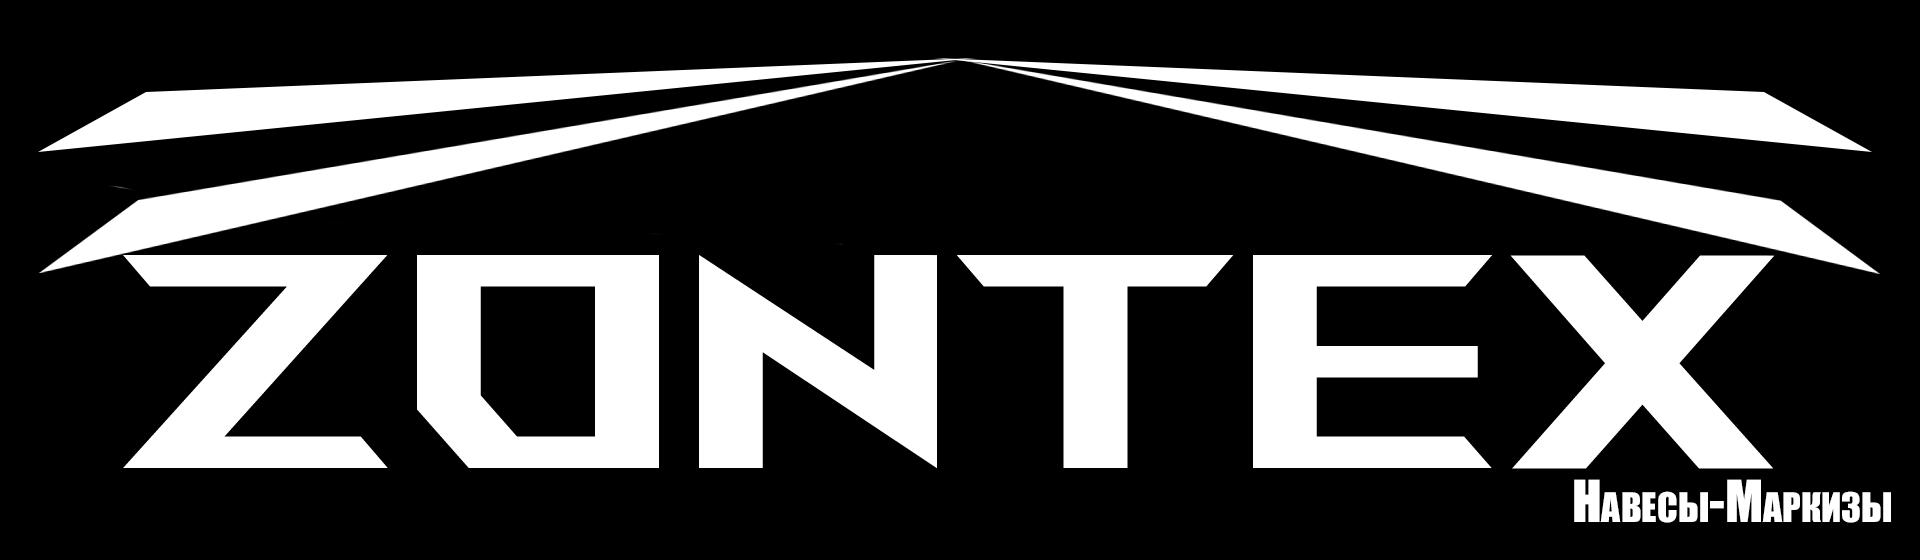 Логотип для интернет проекта фото f_2845a283ac3a8185.png